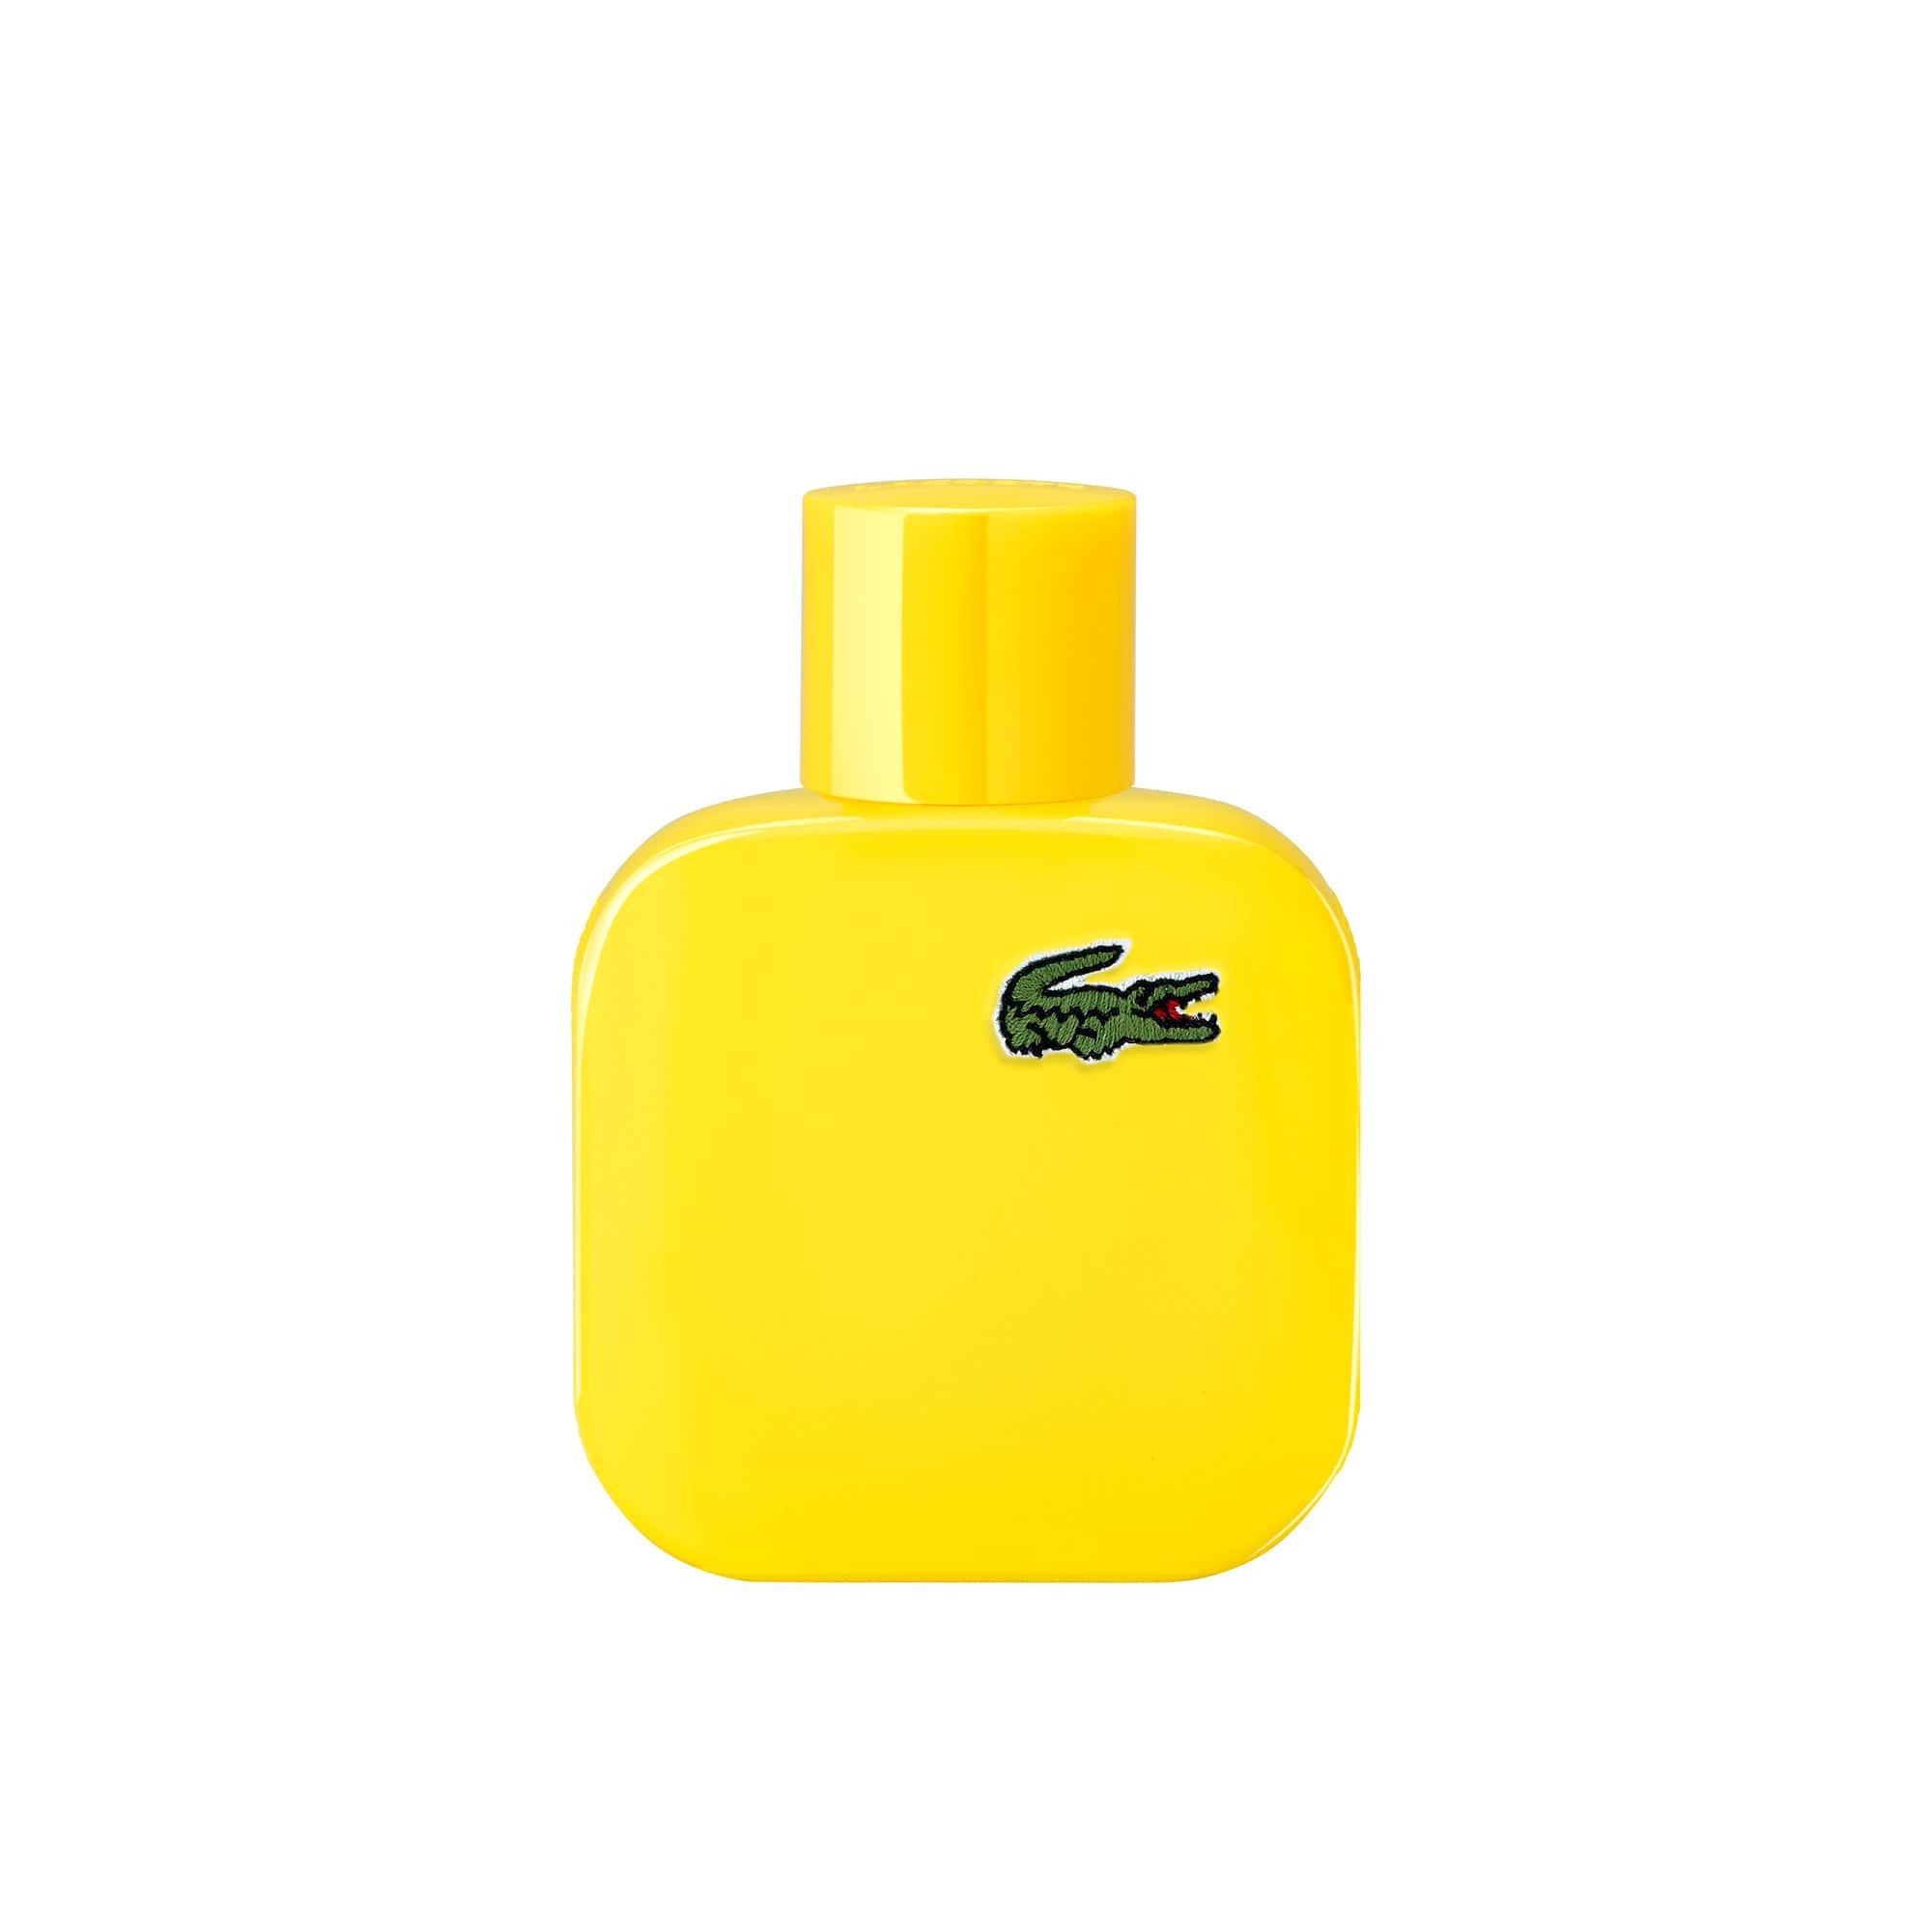 Eau de Lacoste L.12.12 Yellow Eau de Toilette 50 ml